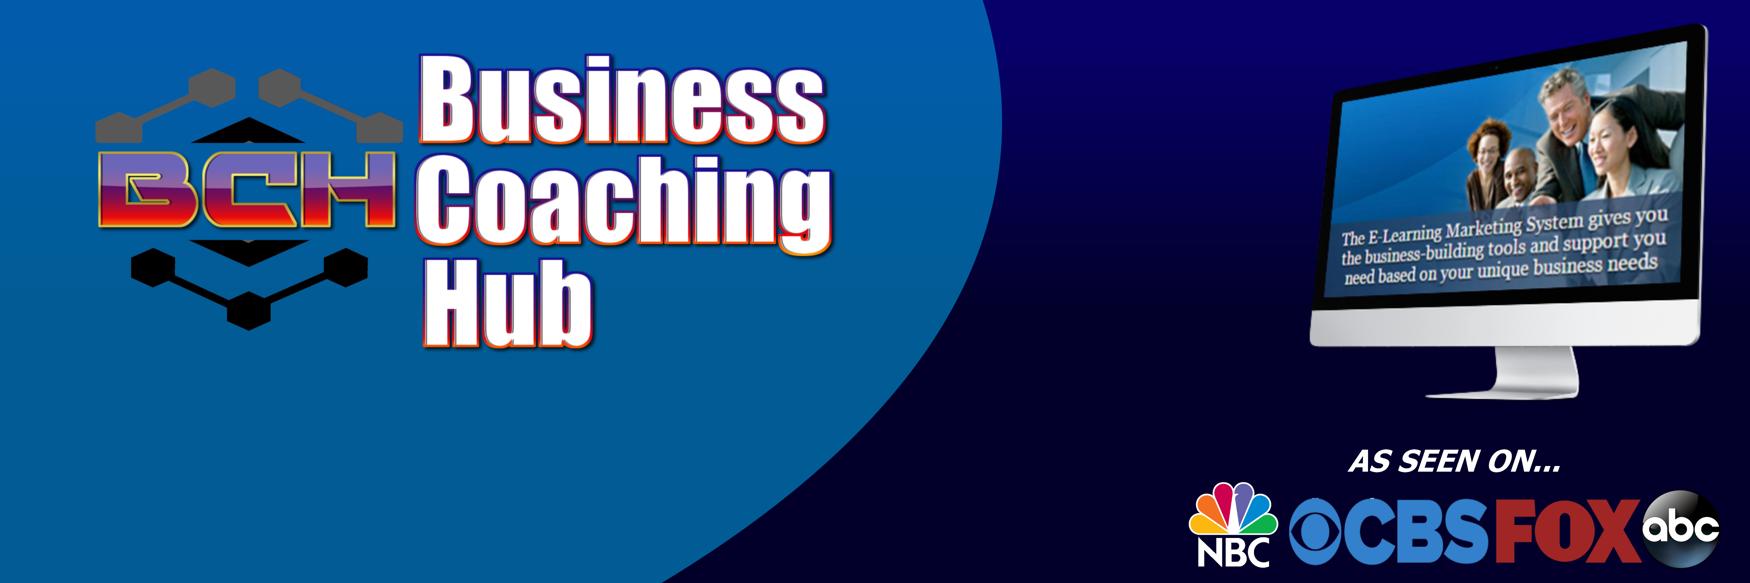 Business Coaching Hub